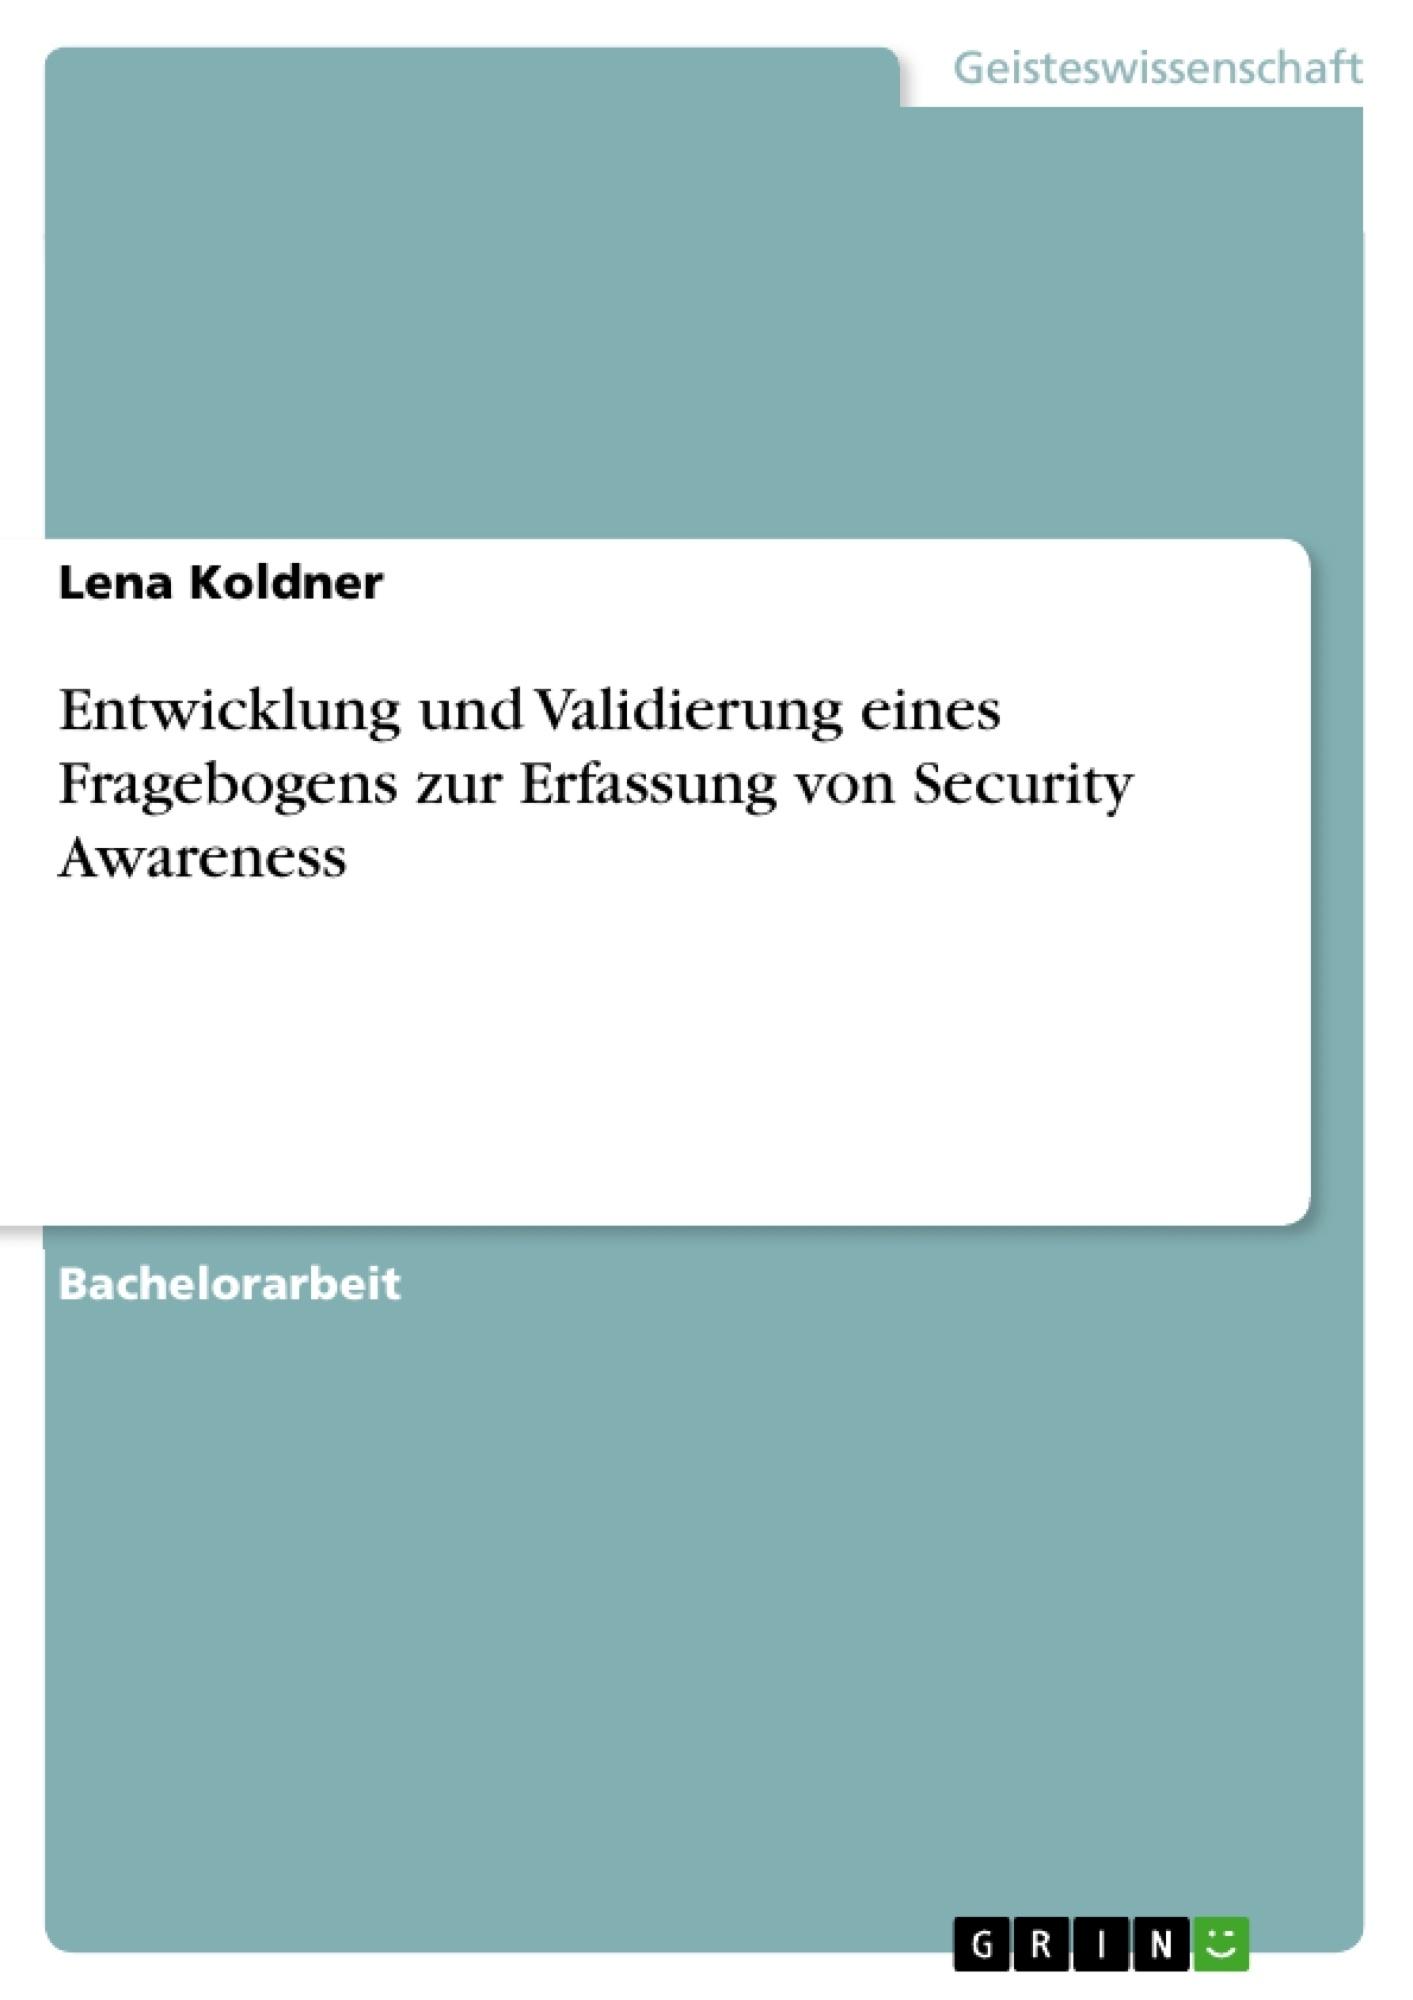 Titel: Entwicklung und Validierung eines Fragebogens zur Erfassung von Security Awareness